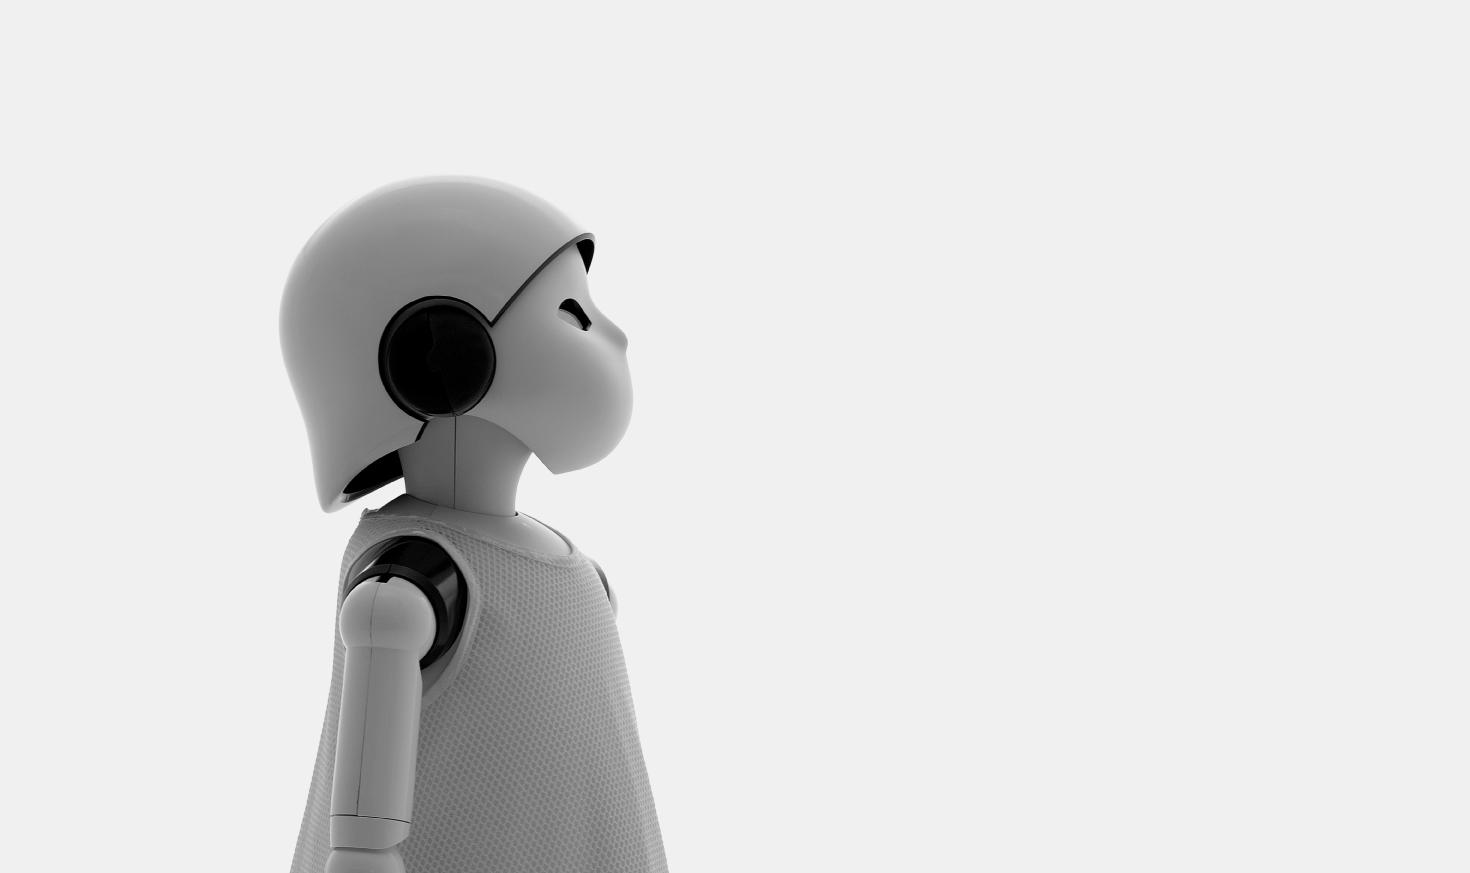 【連載】「ロボットがいる日常」をデザインする  vol.2 未来で評価される仕事